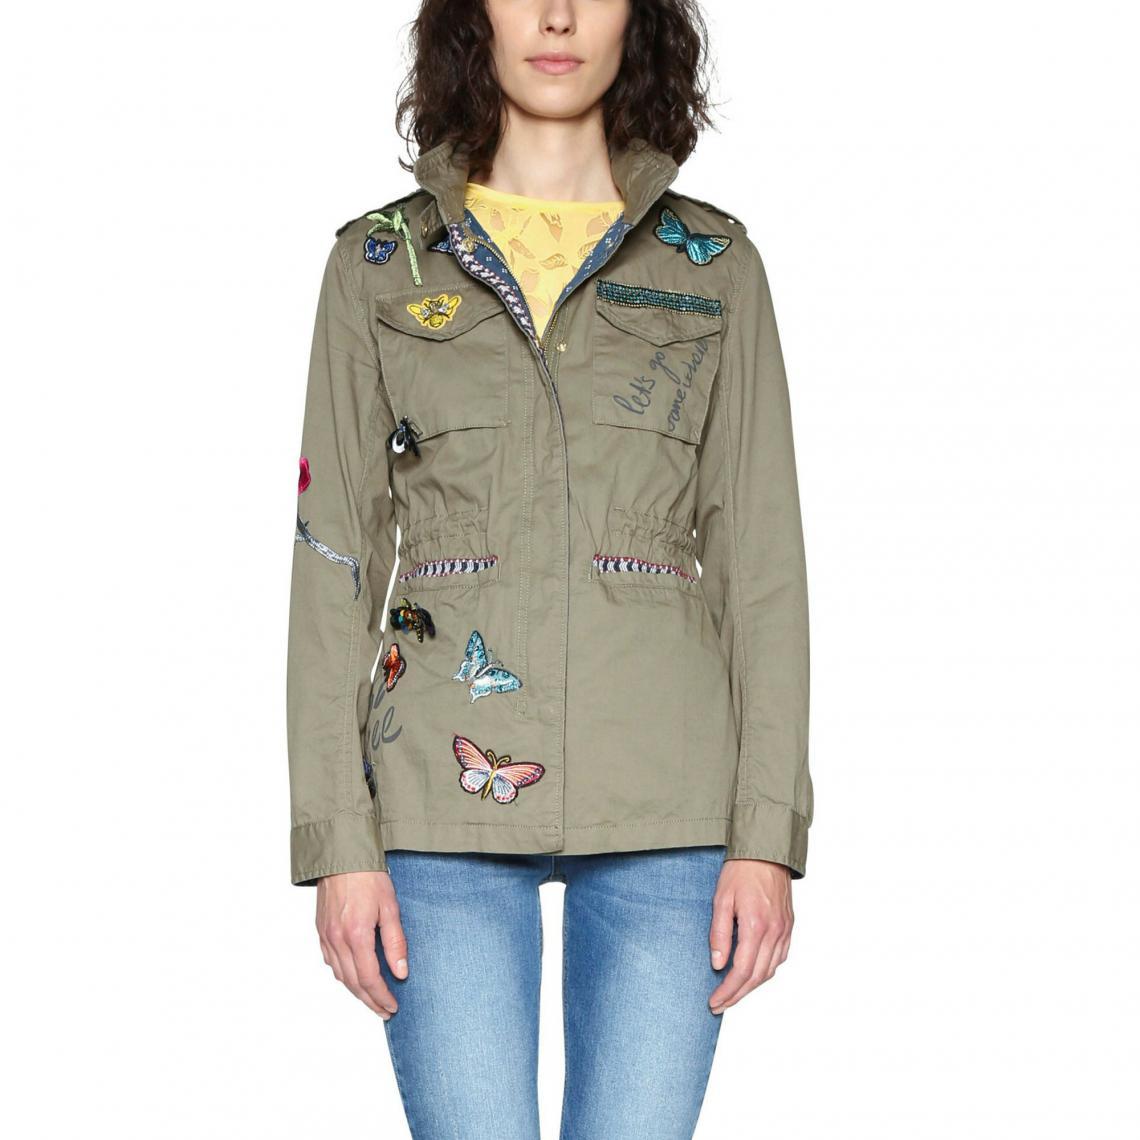 Veste cargo façon militaire femme Desigual - Kaki Desigual Femme a34f6aa65331